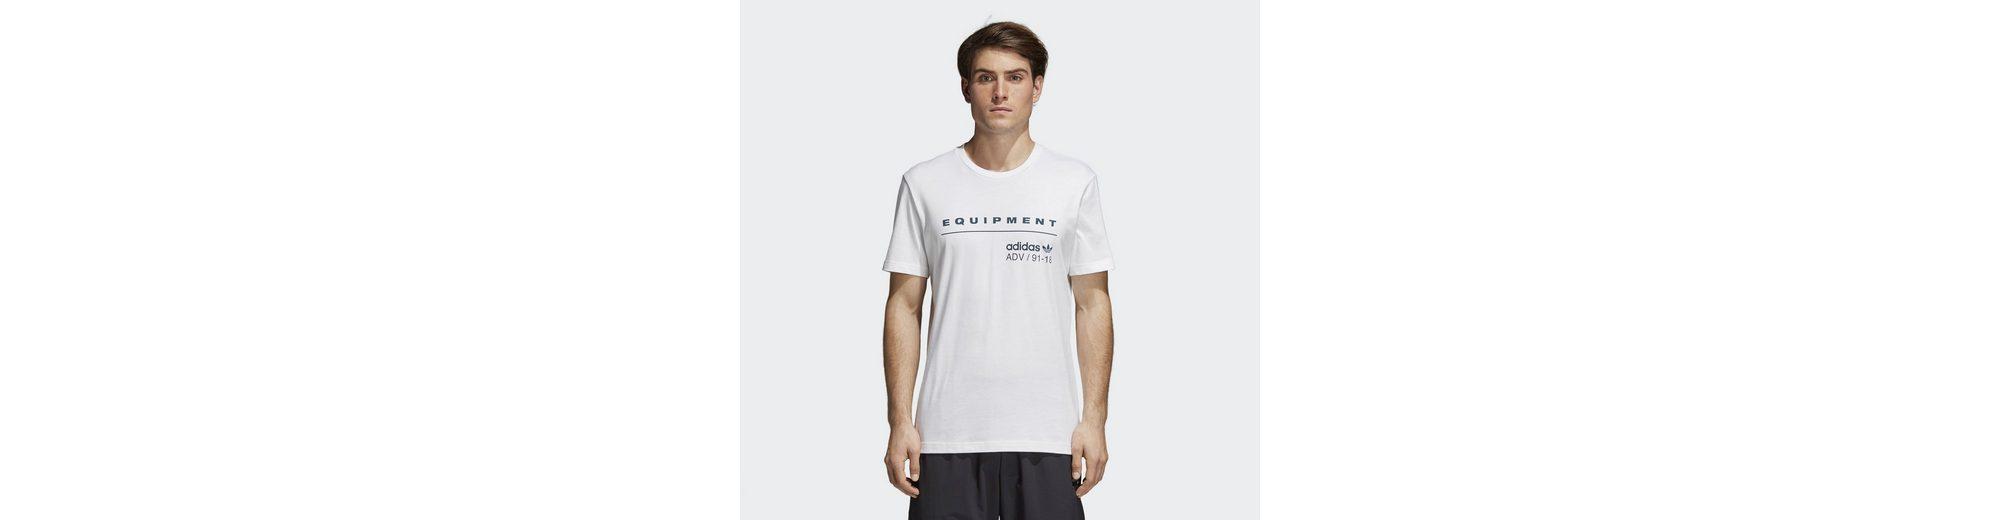 Spielraum Finish Verkauf Breite Palette Von adidas Originals T-Shirt EQT PDX Classic T-Shirt Billig Perfekt Günstigsten Online Kaufen eL70nLQ0l